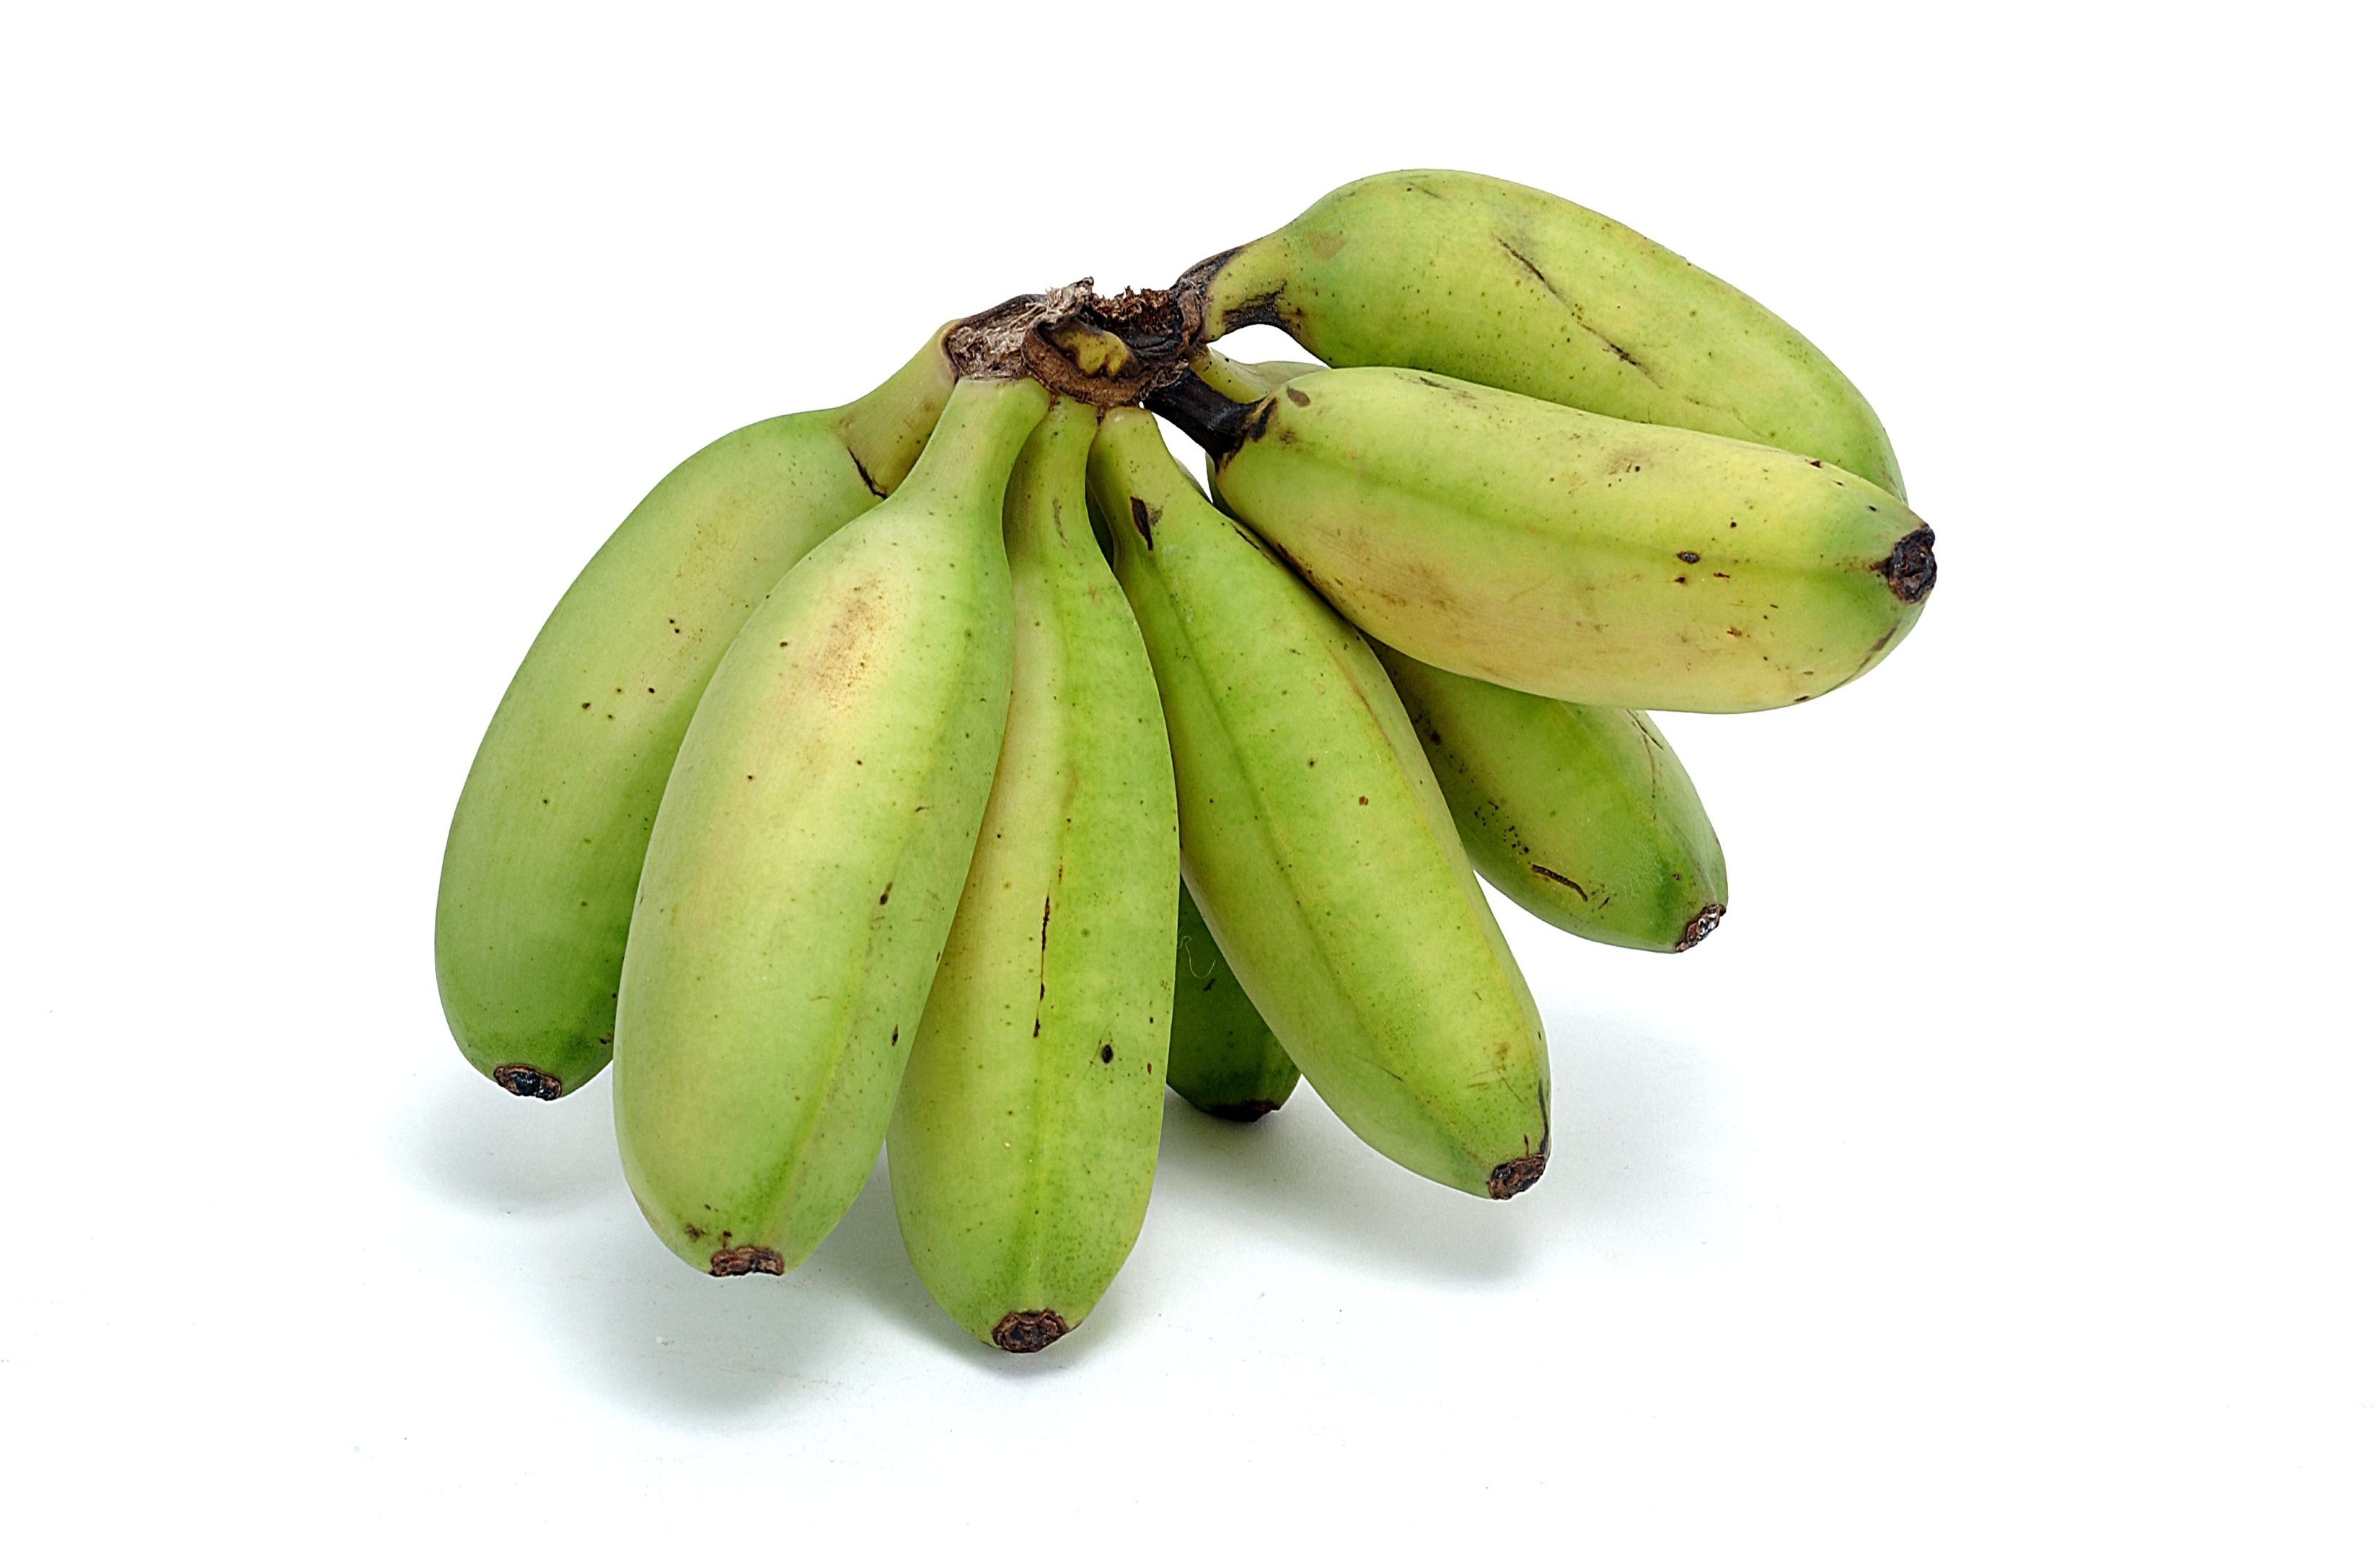 Green bananas contain the same amount of vitamins as ripe, yellow bananas.